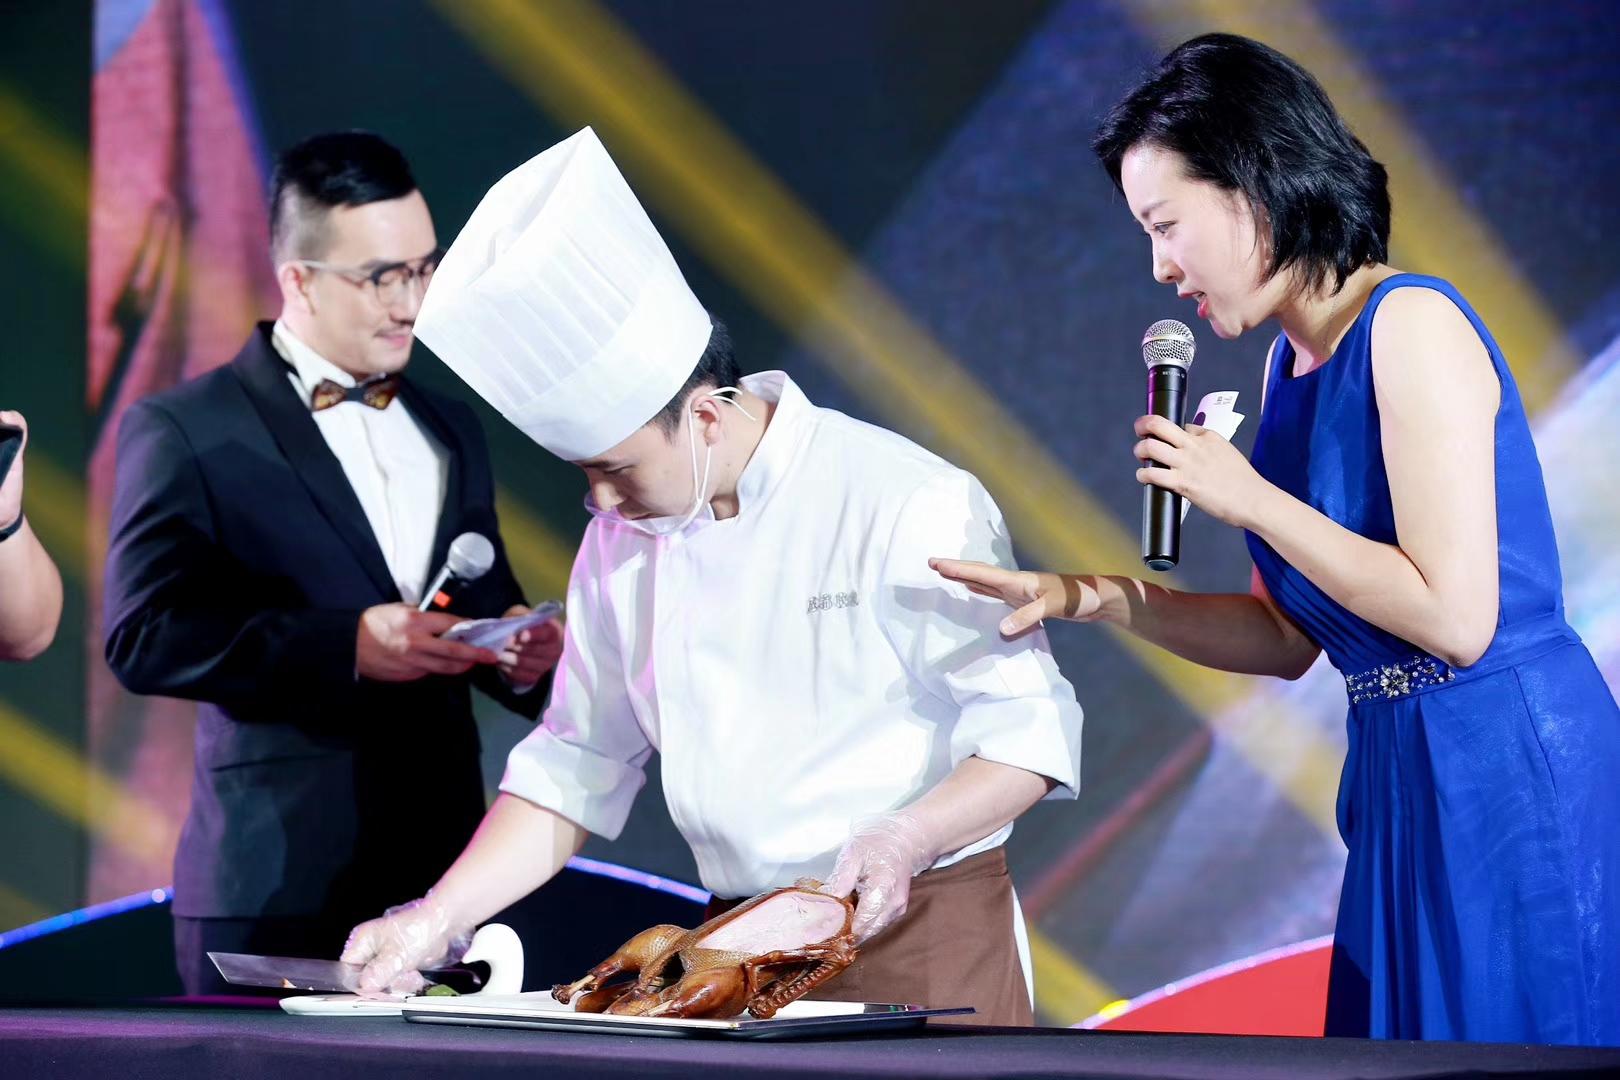 本次幸运分分彩熊猫亚洲美食节要给大家呈现的美食可不止这些,明天开始,还有更多火爆美食、亚洲国家独特美味等着大家哦。